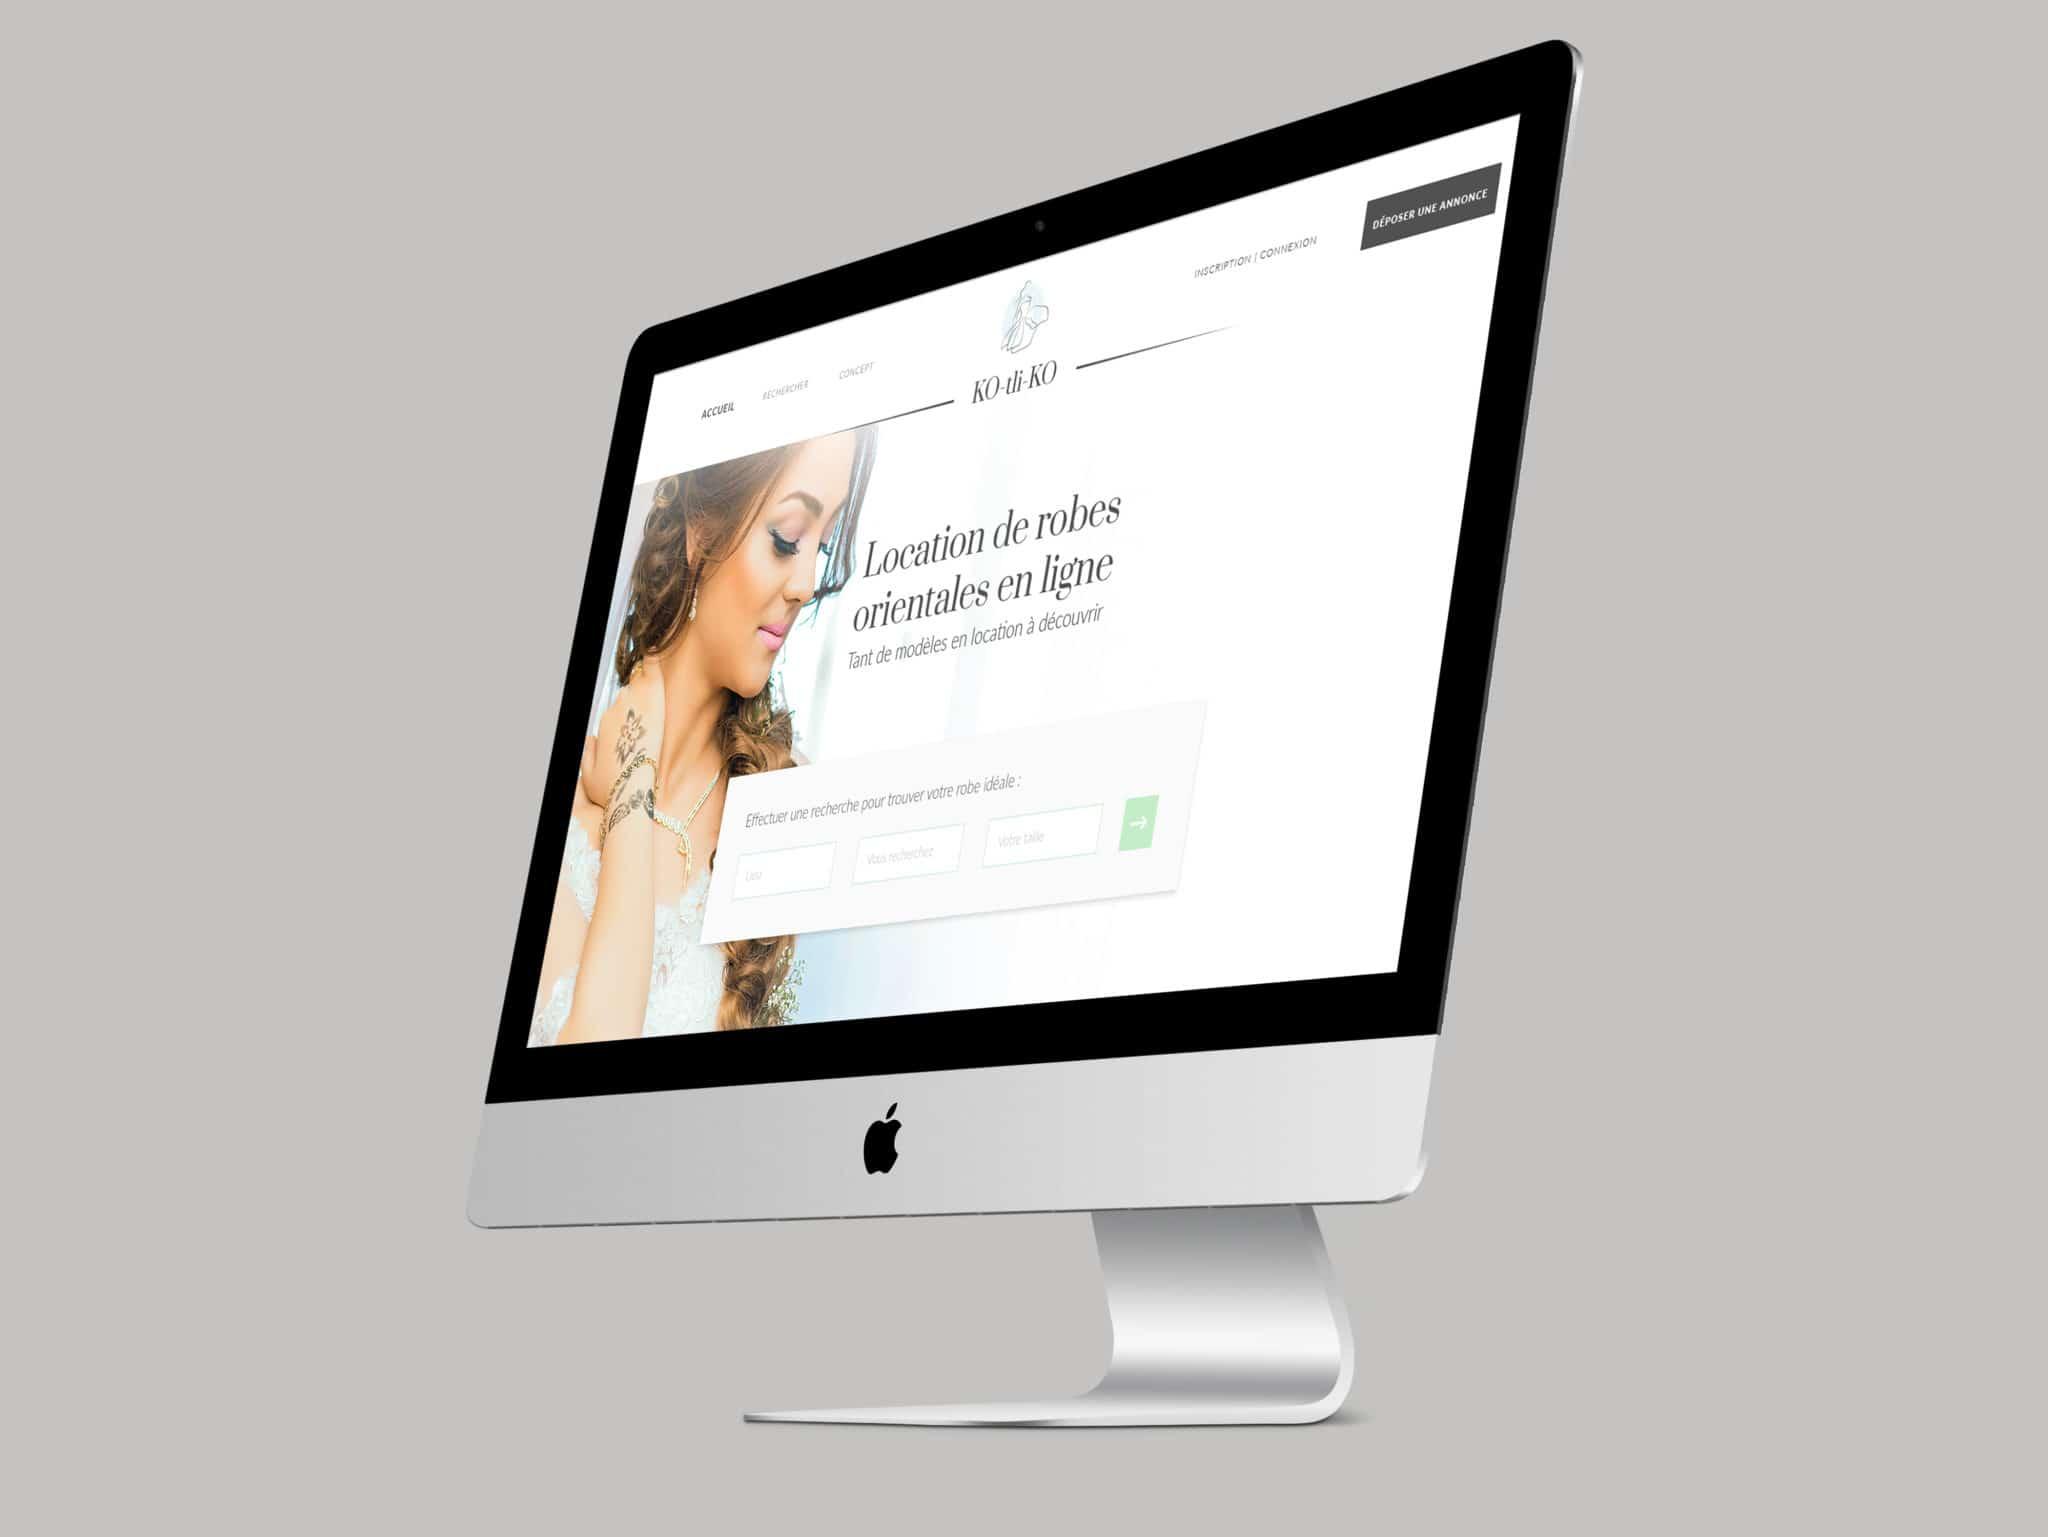 image de mise en situation de la homepage du site web de KO-tli-KO, dans un écran d'ordinateur